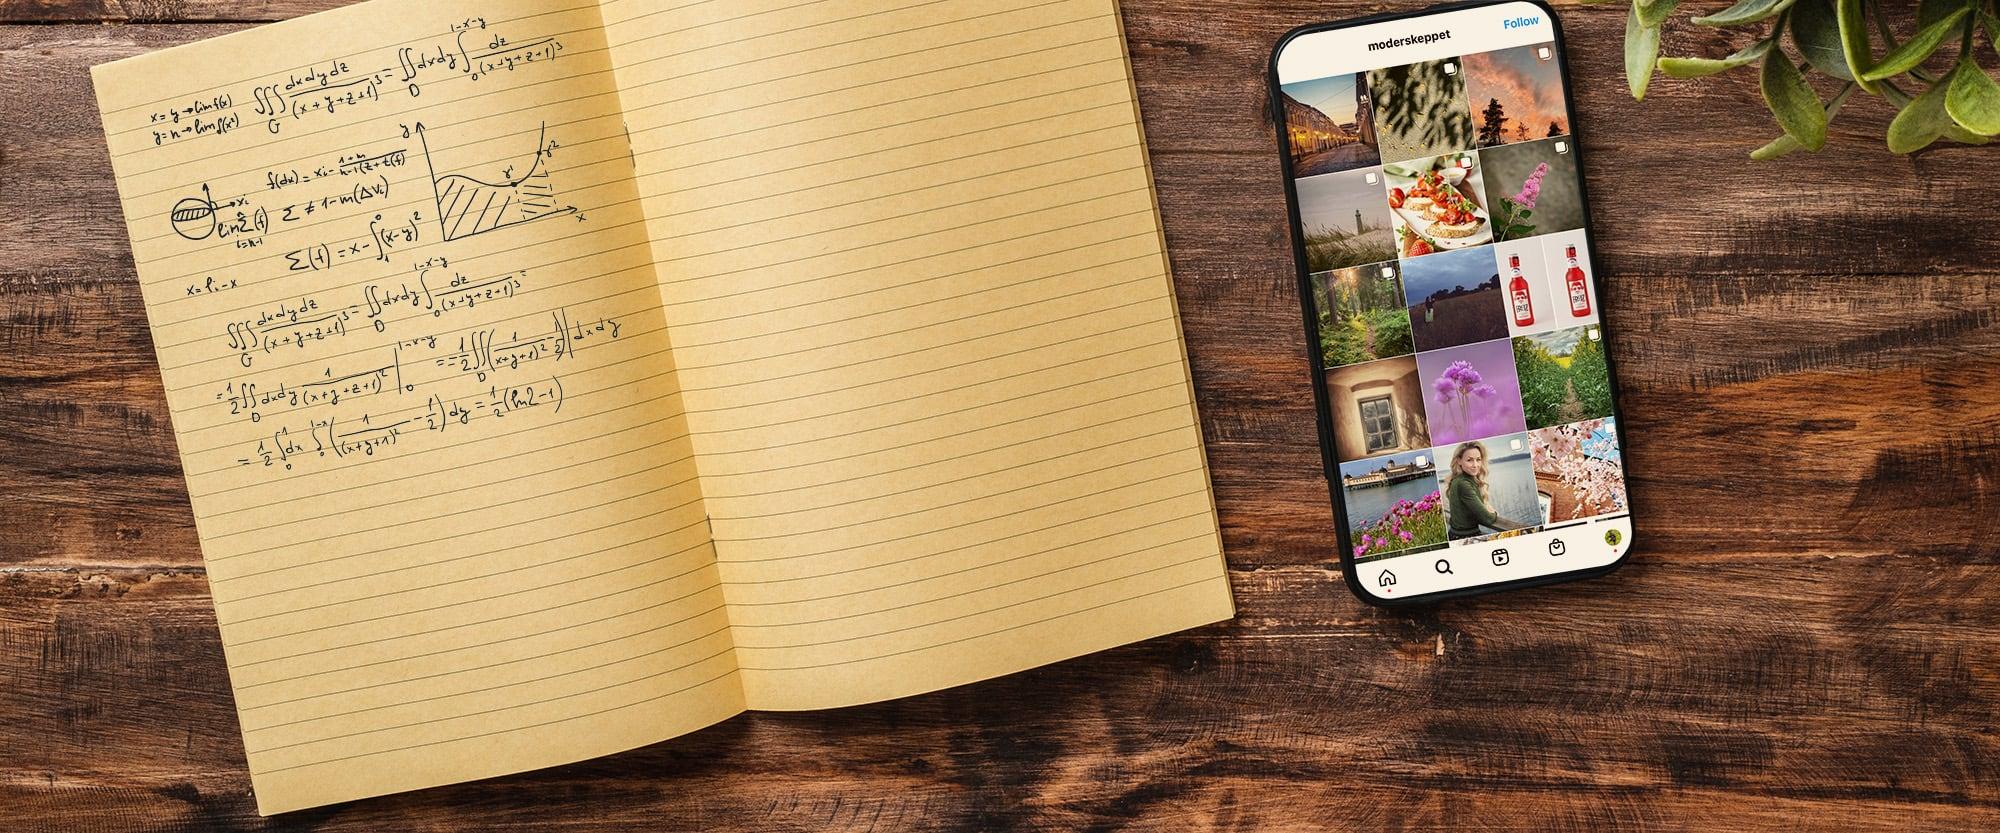 Onlinekurs Algoritmen på Instagram